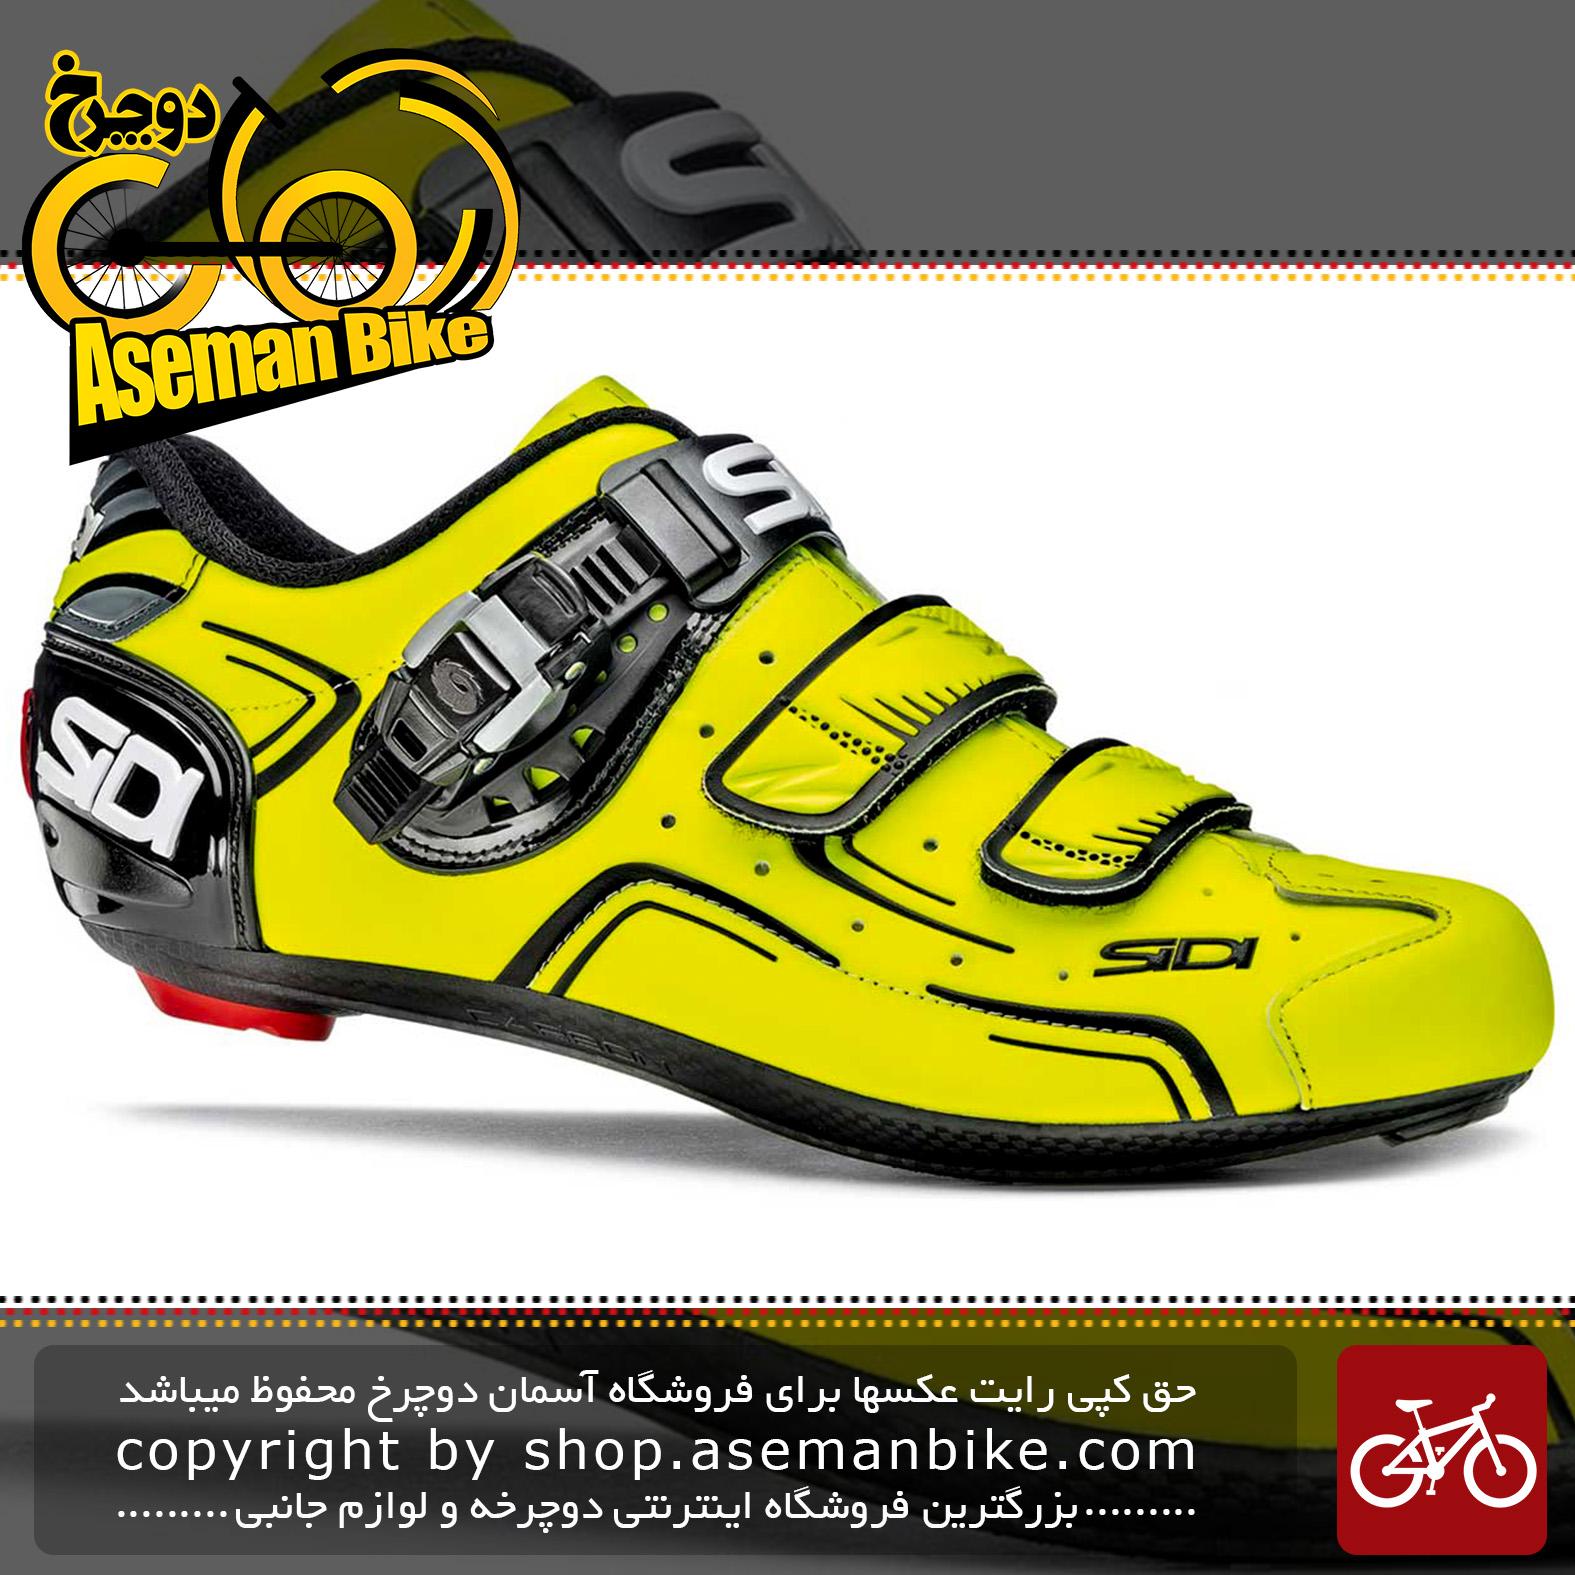 کفش دوچرخه سواری کورسی جاده سی دی ایتالیا مدل لول مشکی زرد SIDI On Road Shoes Italy Carbon LEVELYellow Fluo Black